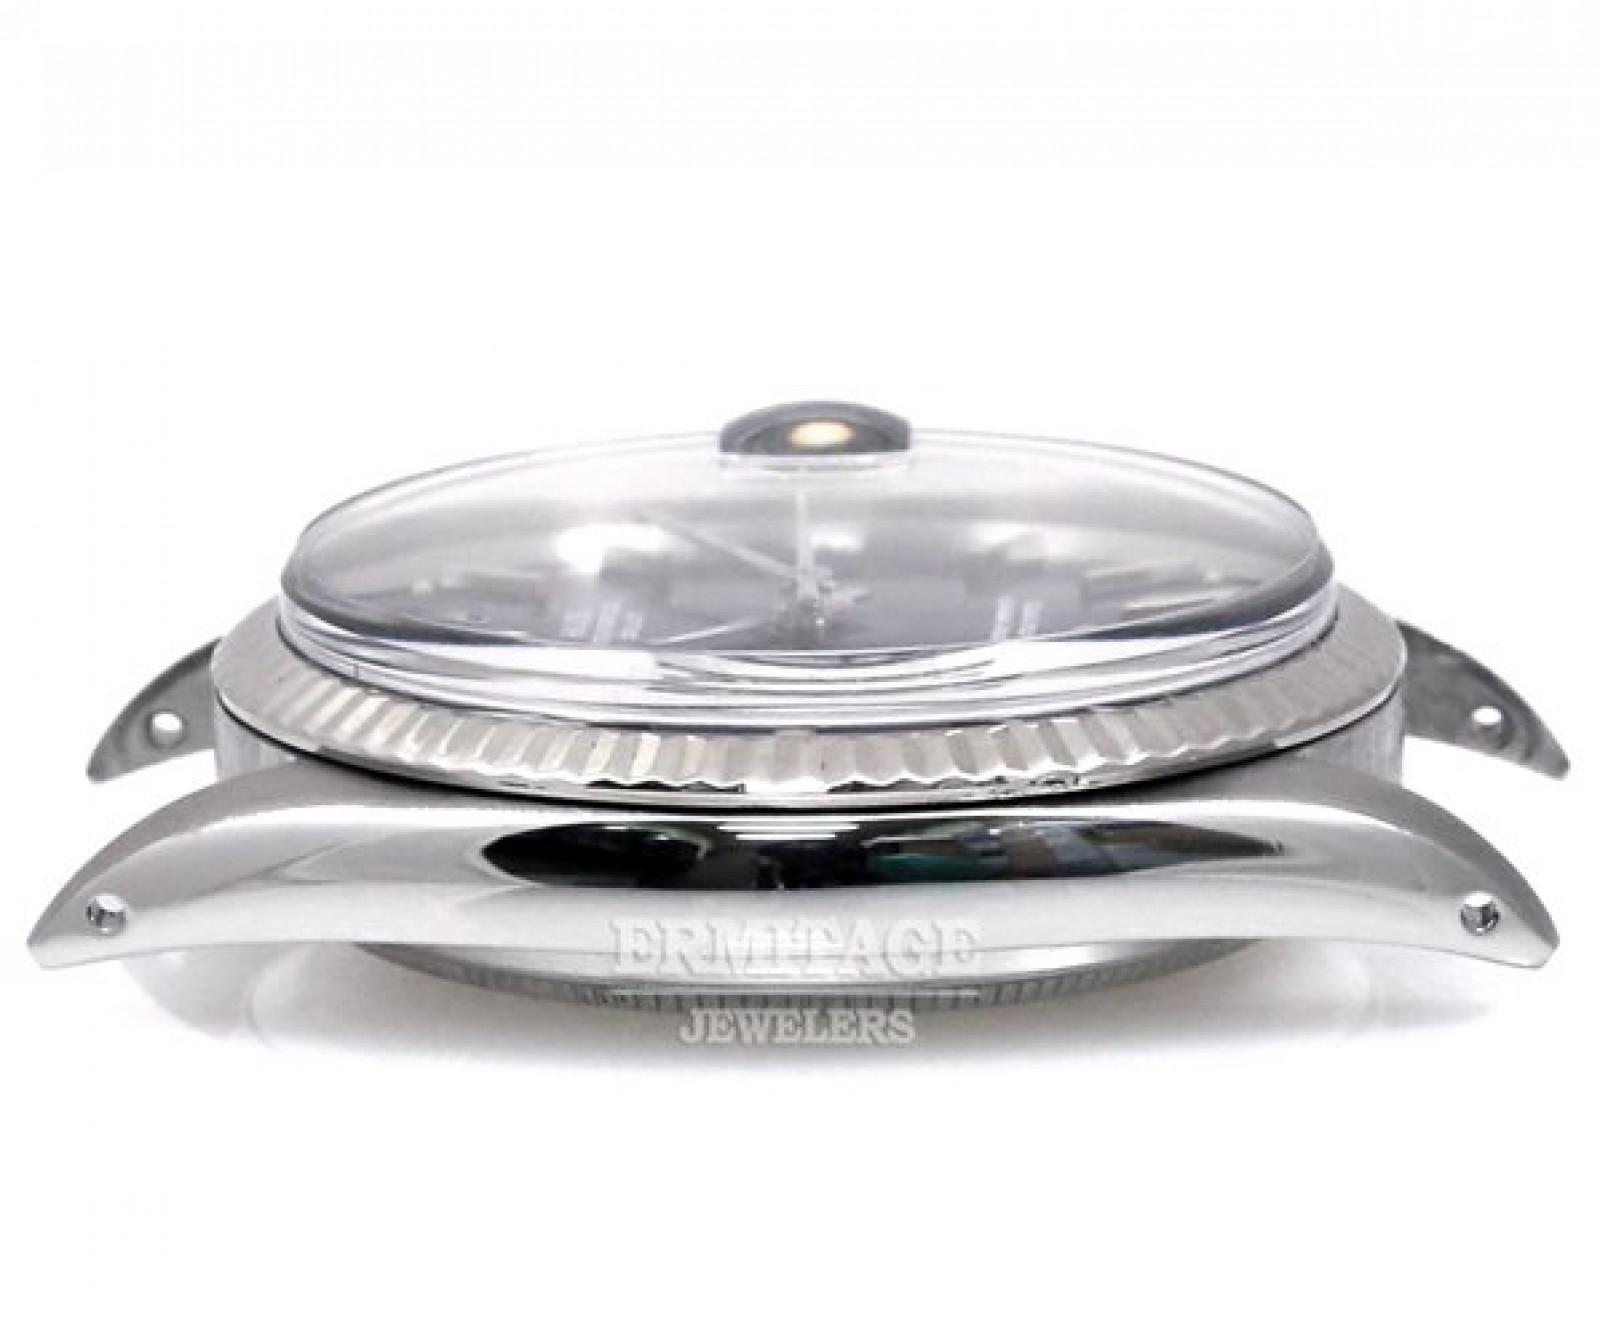 Vintage Rolex Datejust 1601 Steel Year 1971